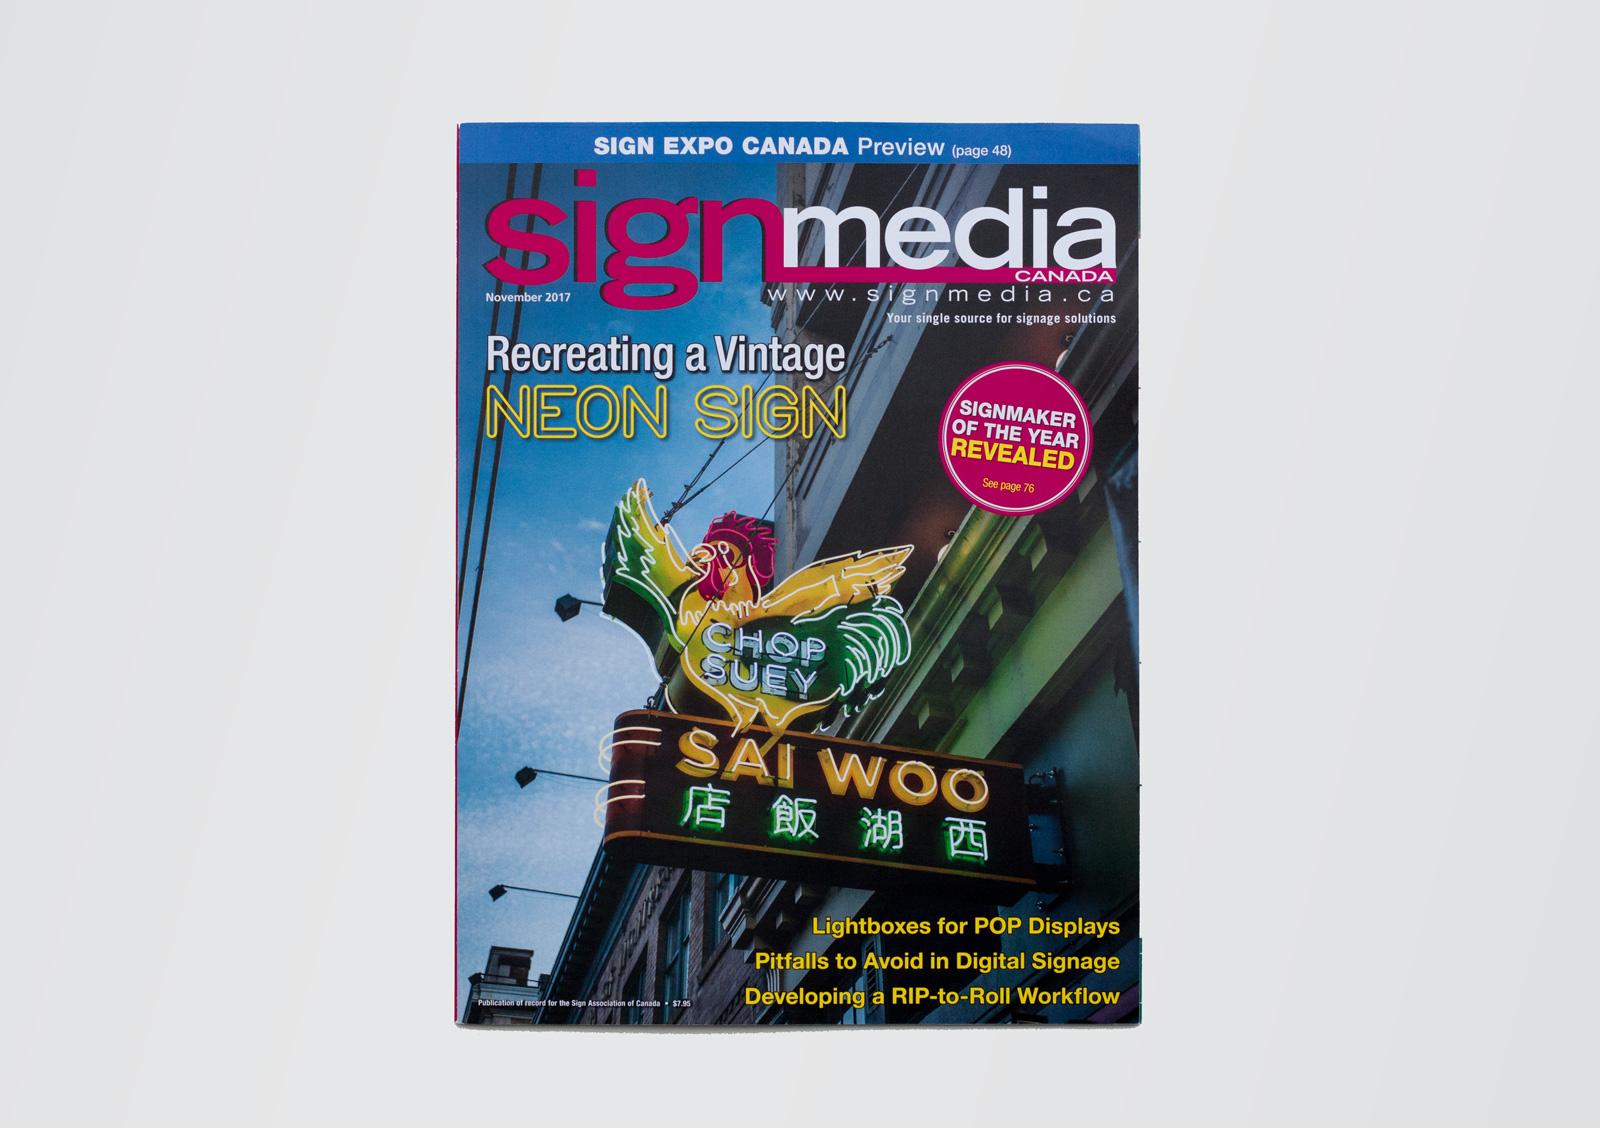 Story: Peter Saunders, Sign Media Canada  Cover Photo: Ocean Peak Studios